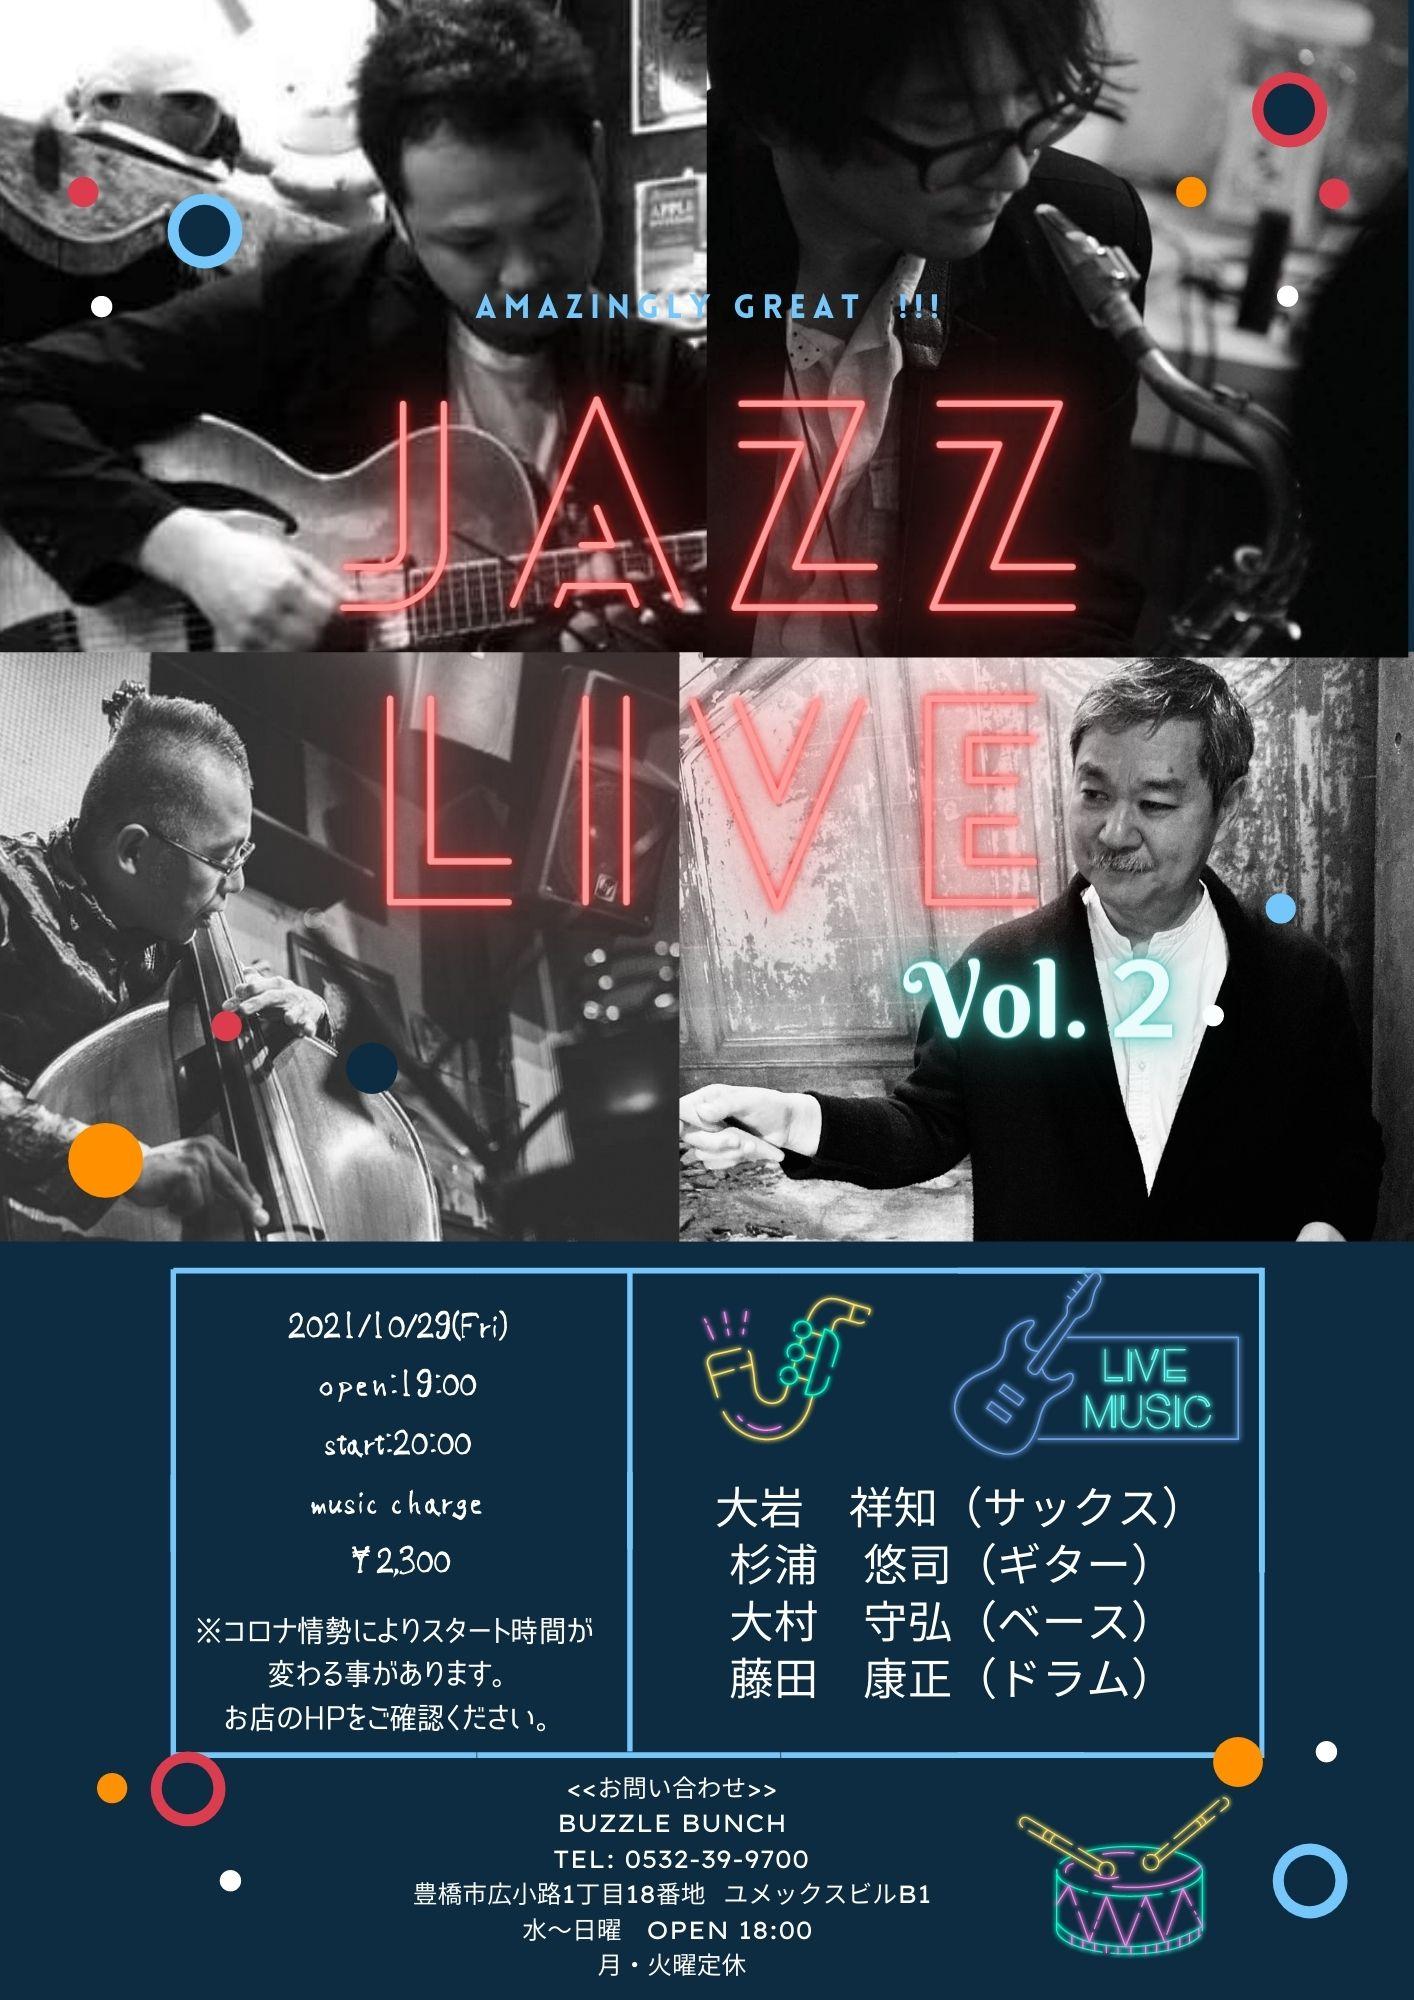 2021年10月29日(金) AMAZINGLY GREAT JAZZ LIVE Vol.2